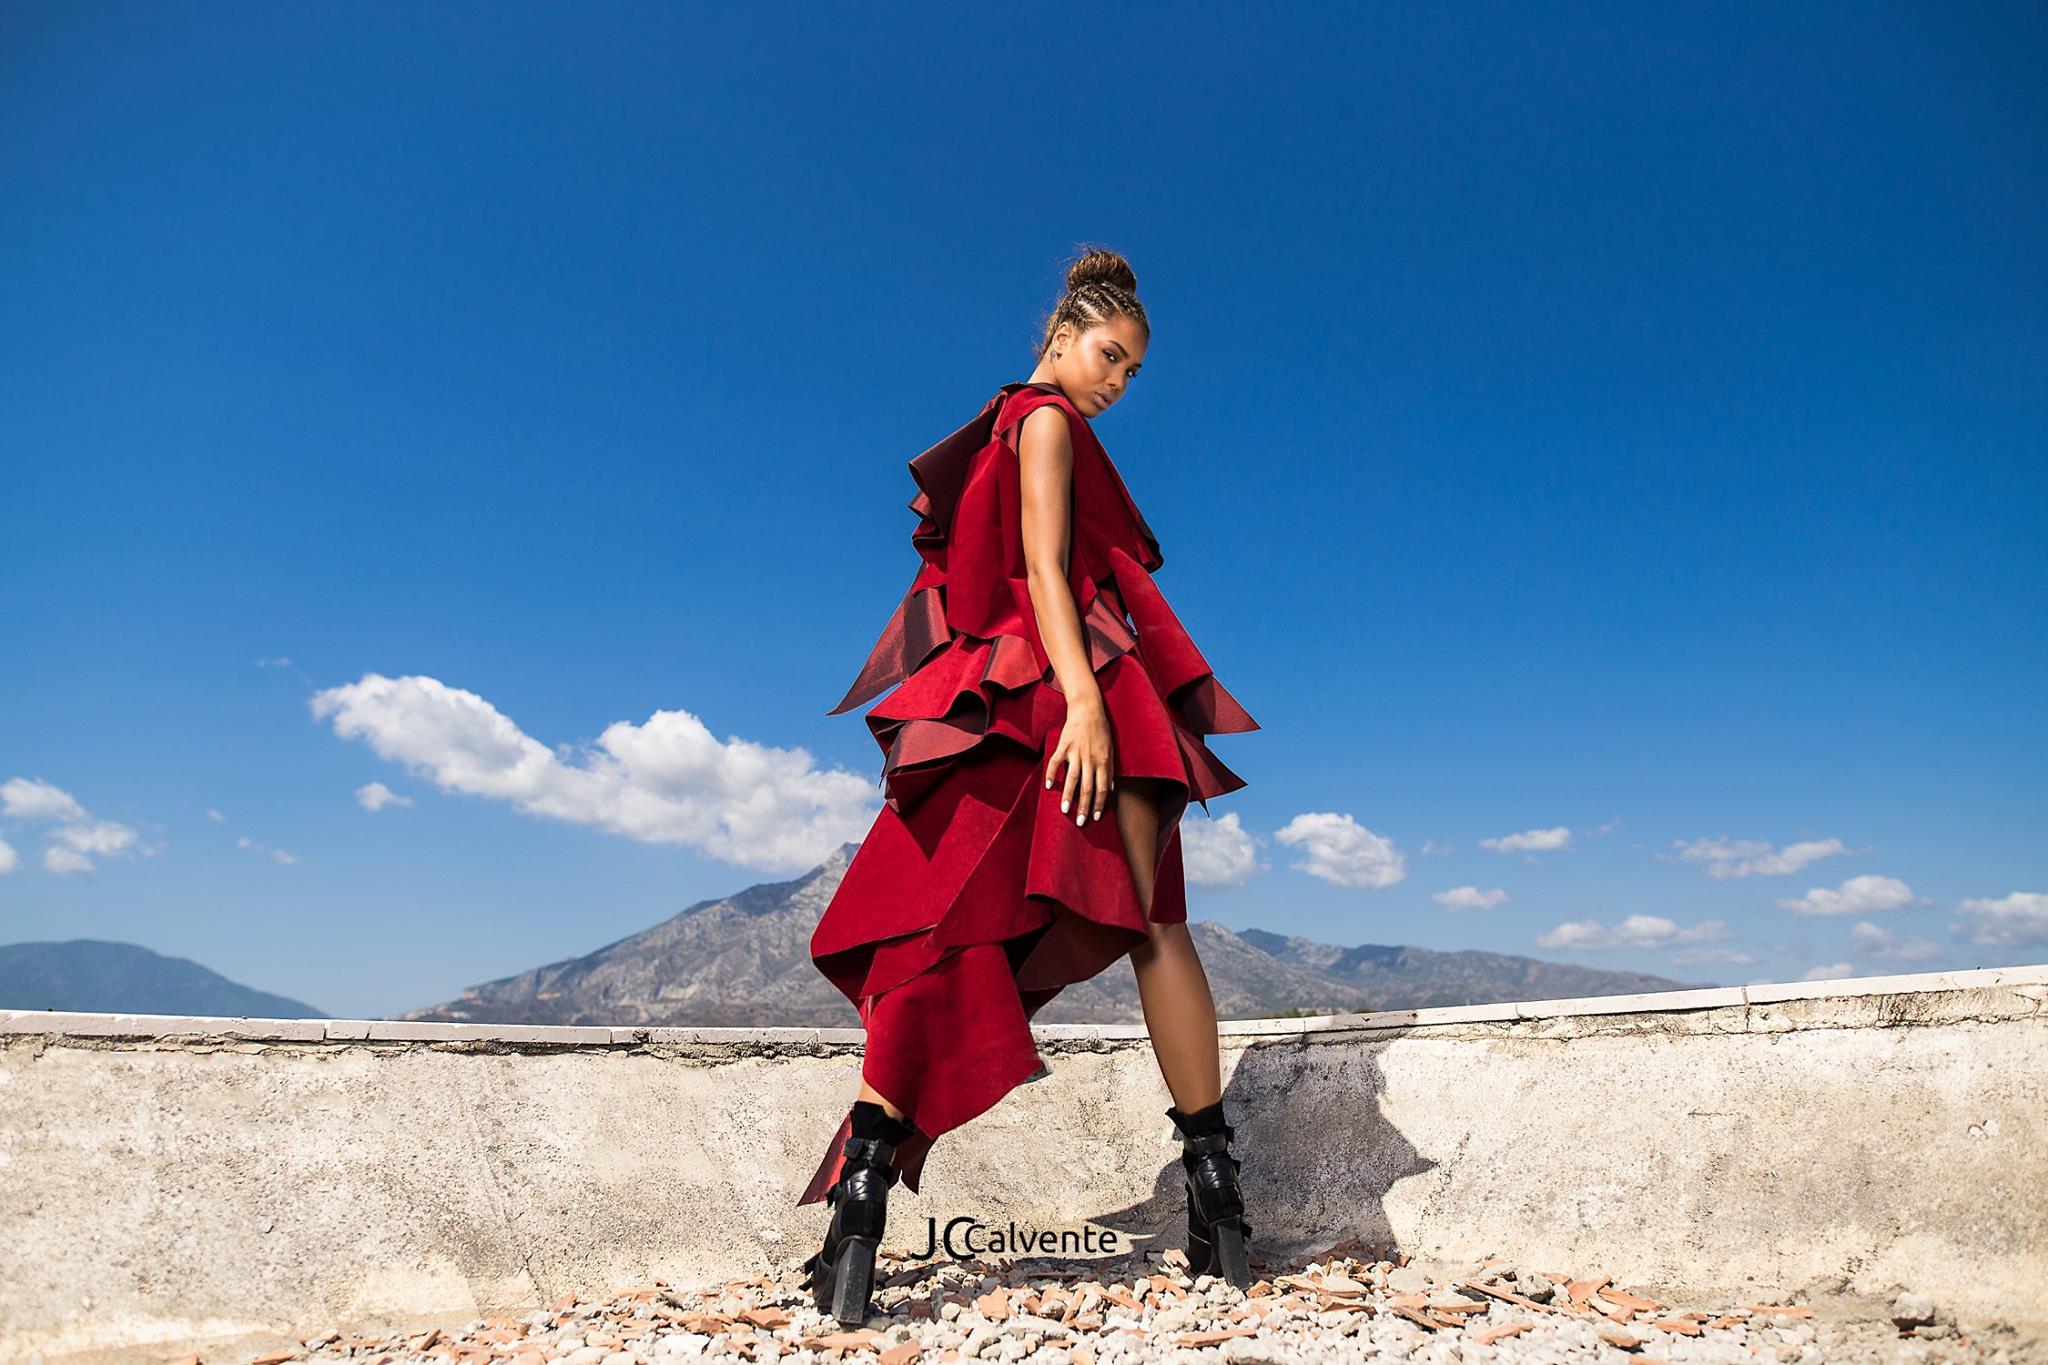 Fotografo de moda Malaga Sevilla Marbella Fashion photographer - Moda, retrato & Pasarela - 🥇Fotógrafo Malaga de moda, retrato, editorial, pasarela Marbella Sevilla Torremolinos ...